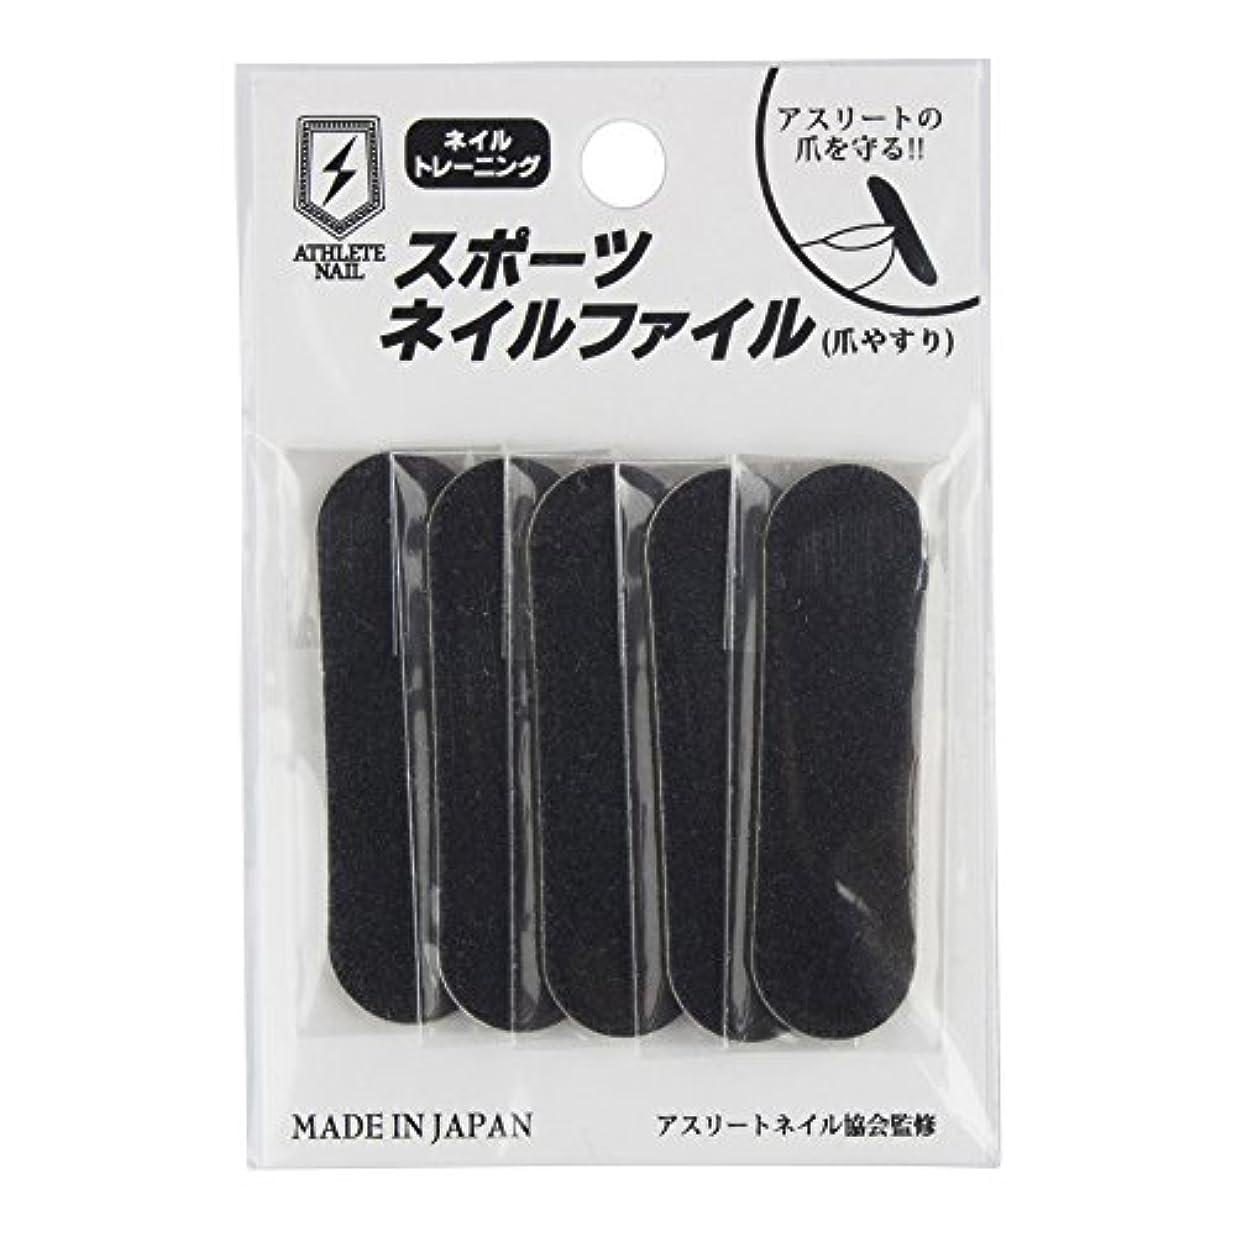 水族館メロン解くアスリートネイル(Athlete Nail) スポーツネイルファイル 爪やすり 98572